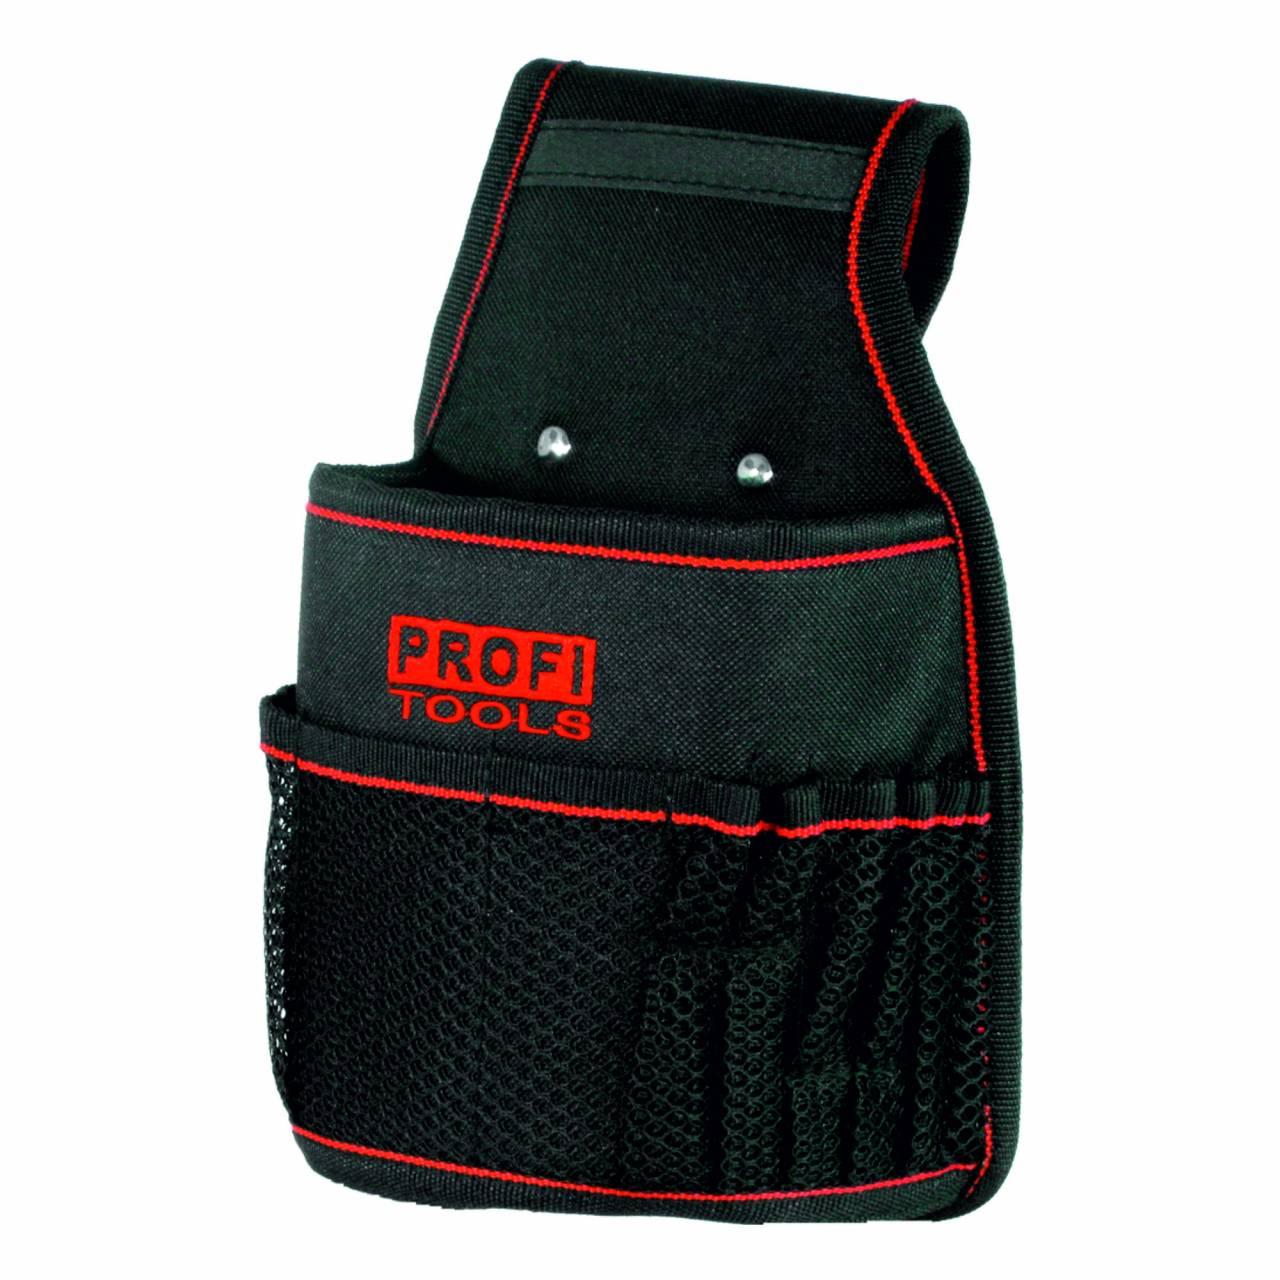 Nagel- / Werkzeugtasche, Polyester, schwarz, 3 Fächer, 1 Schlaufe